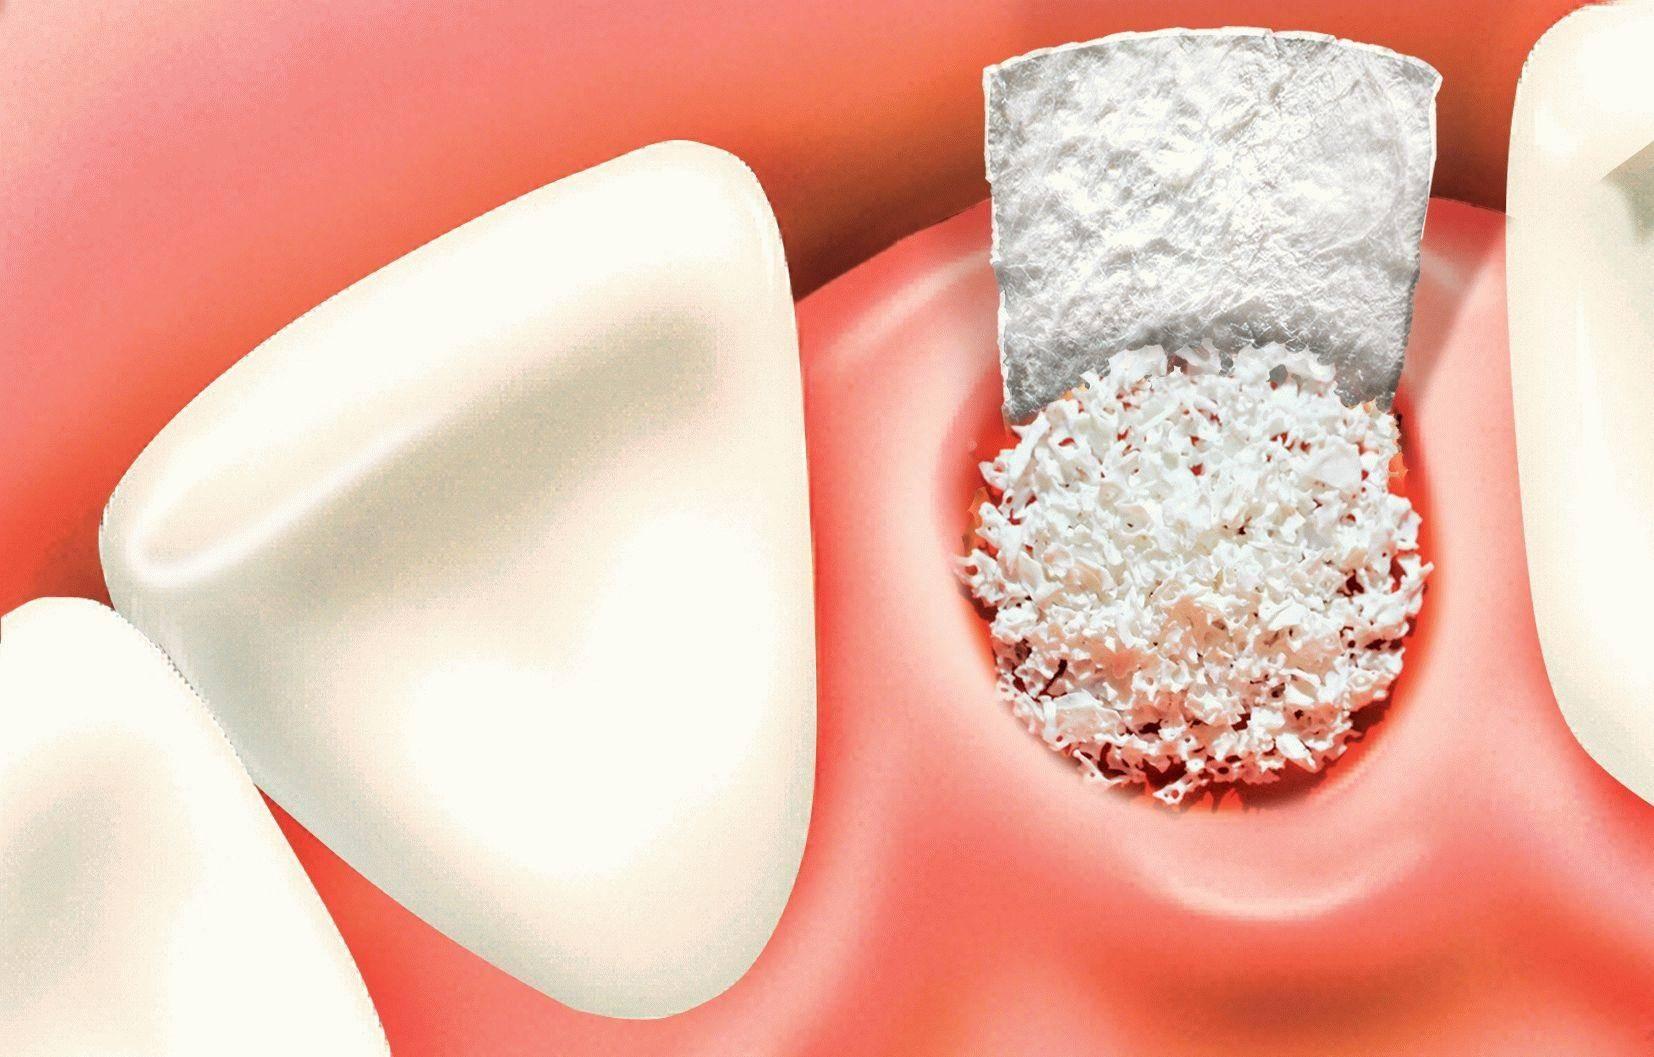 Сколько дней заживает десна. после удаления зуба в лунку положили лекарство